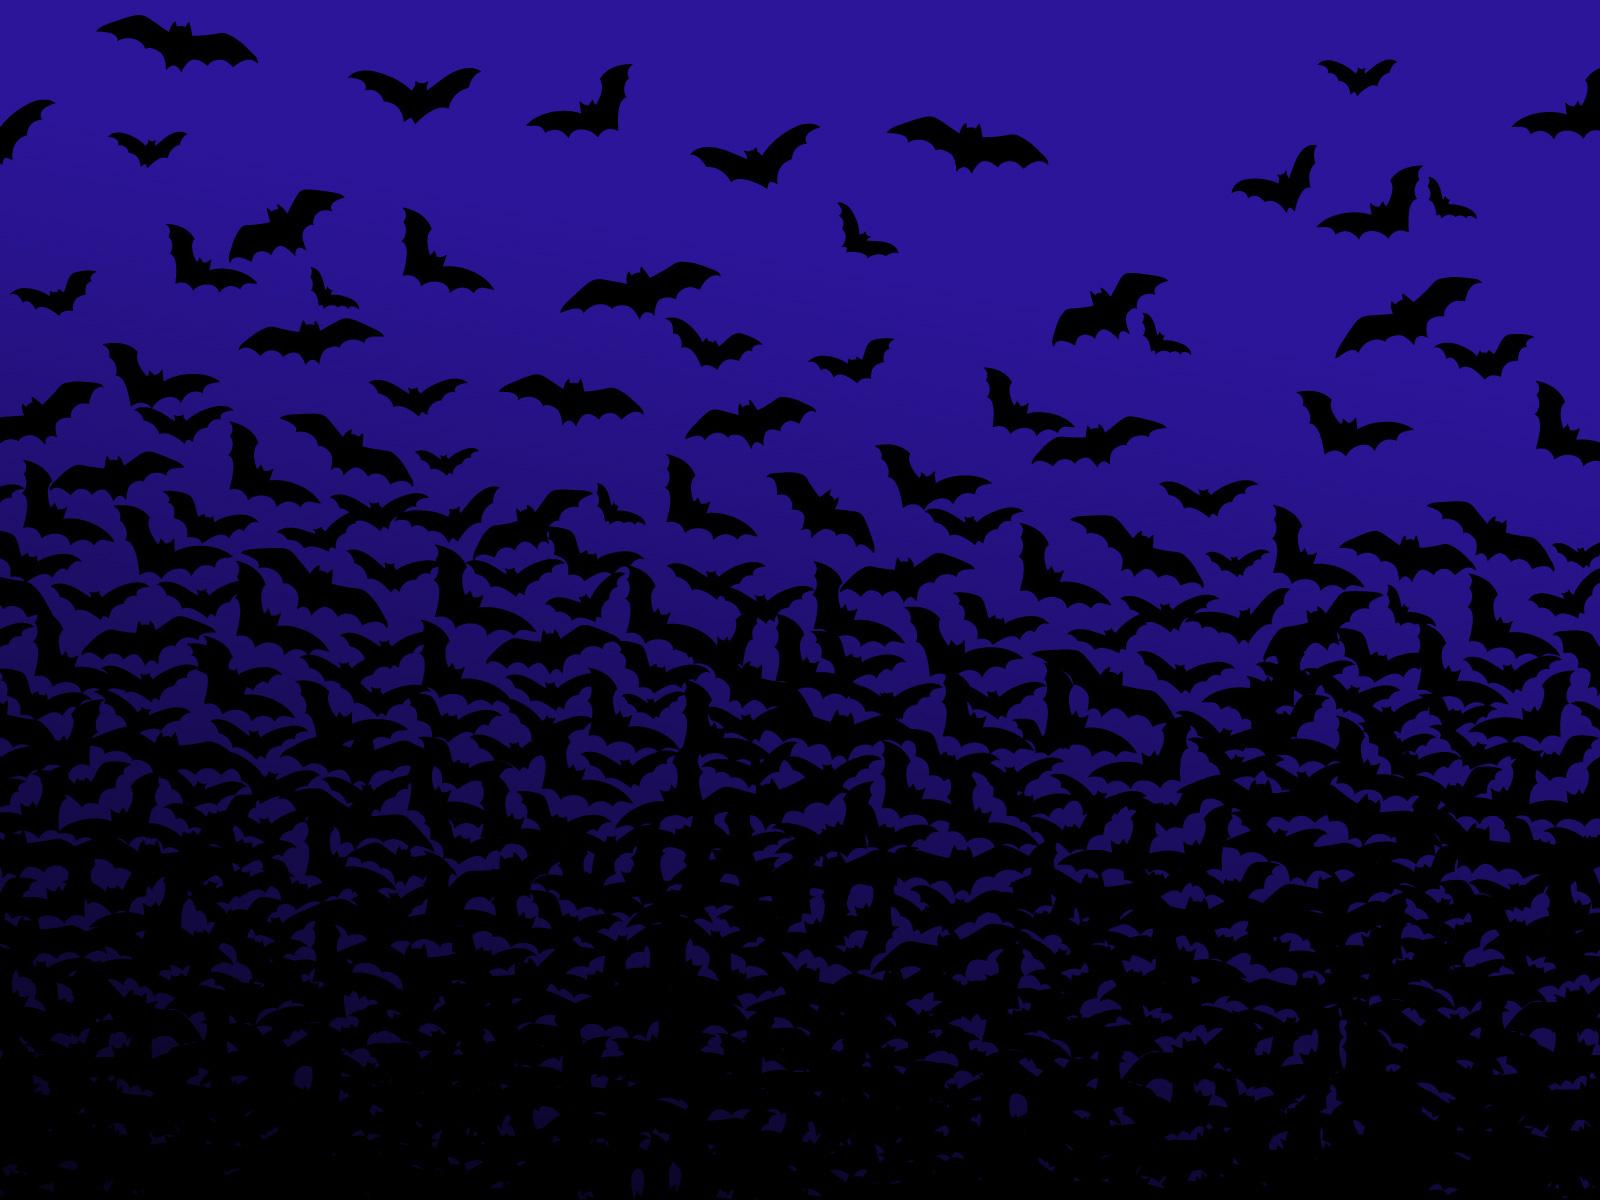 Bats Wallpaper